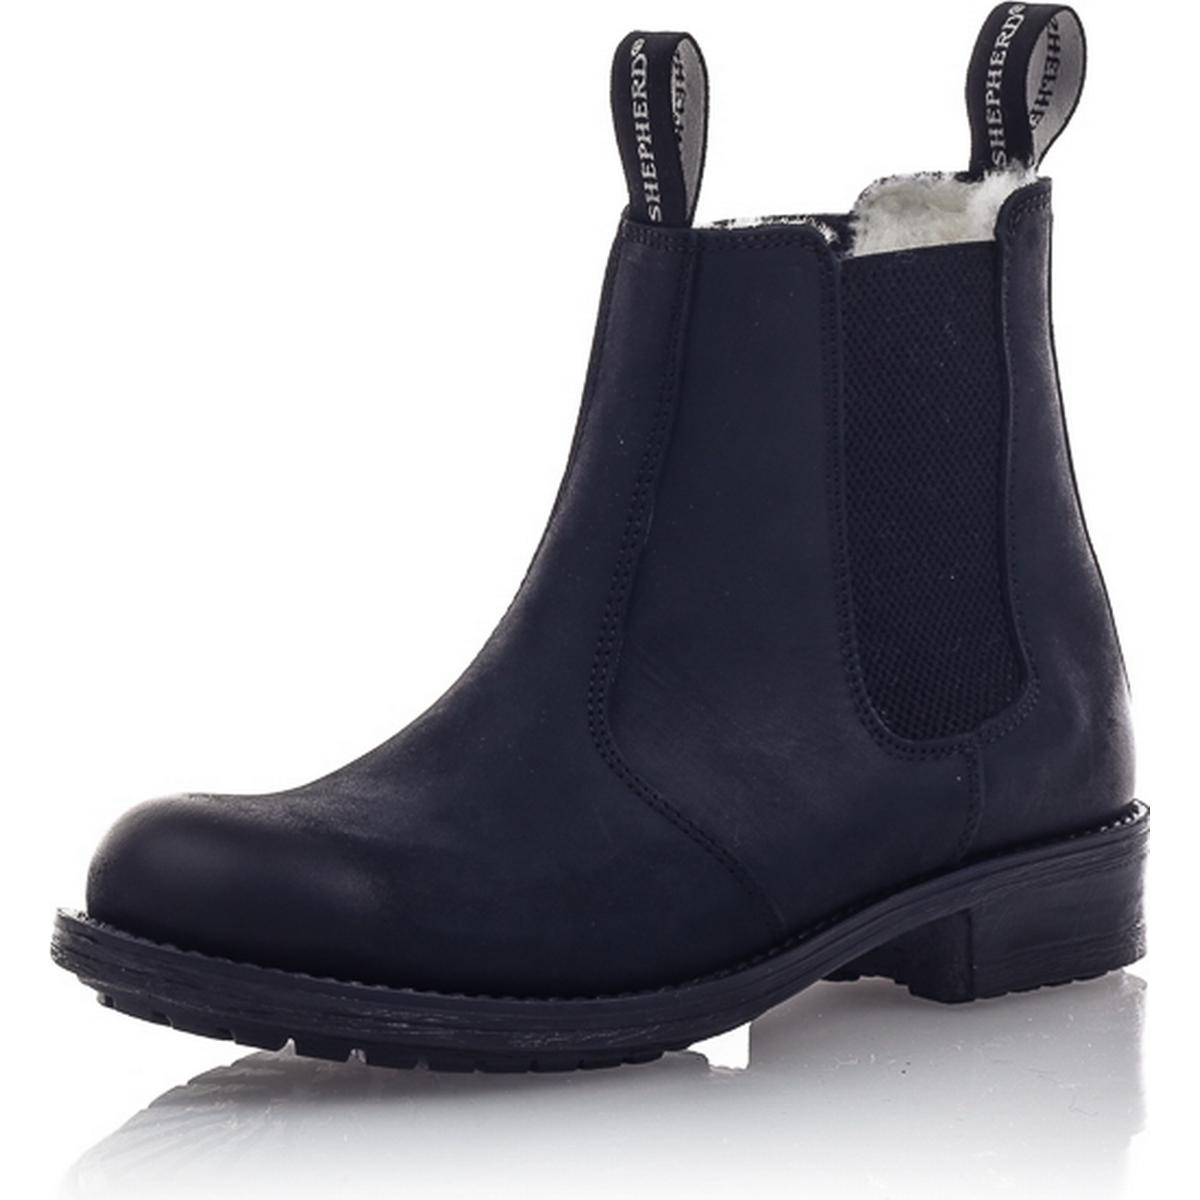 5e7d40c542e Shepherd Chelsea Boots - Jämför priser på Jodhpur PriceRunner